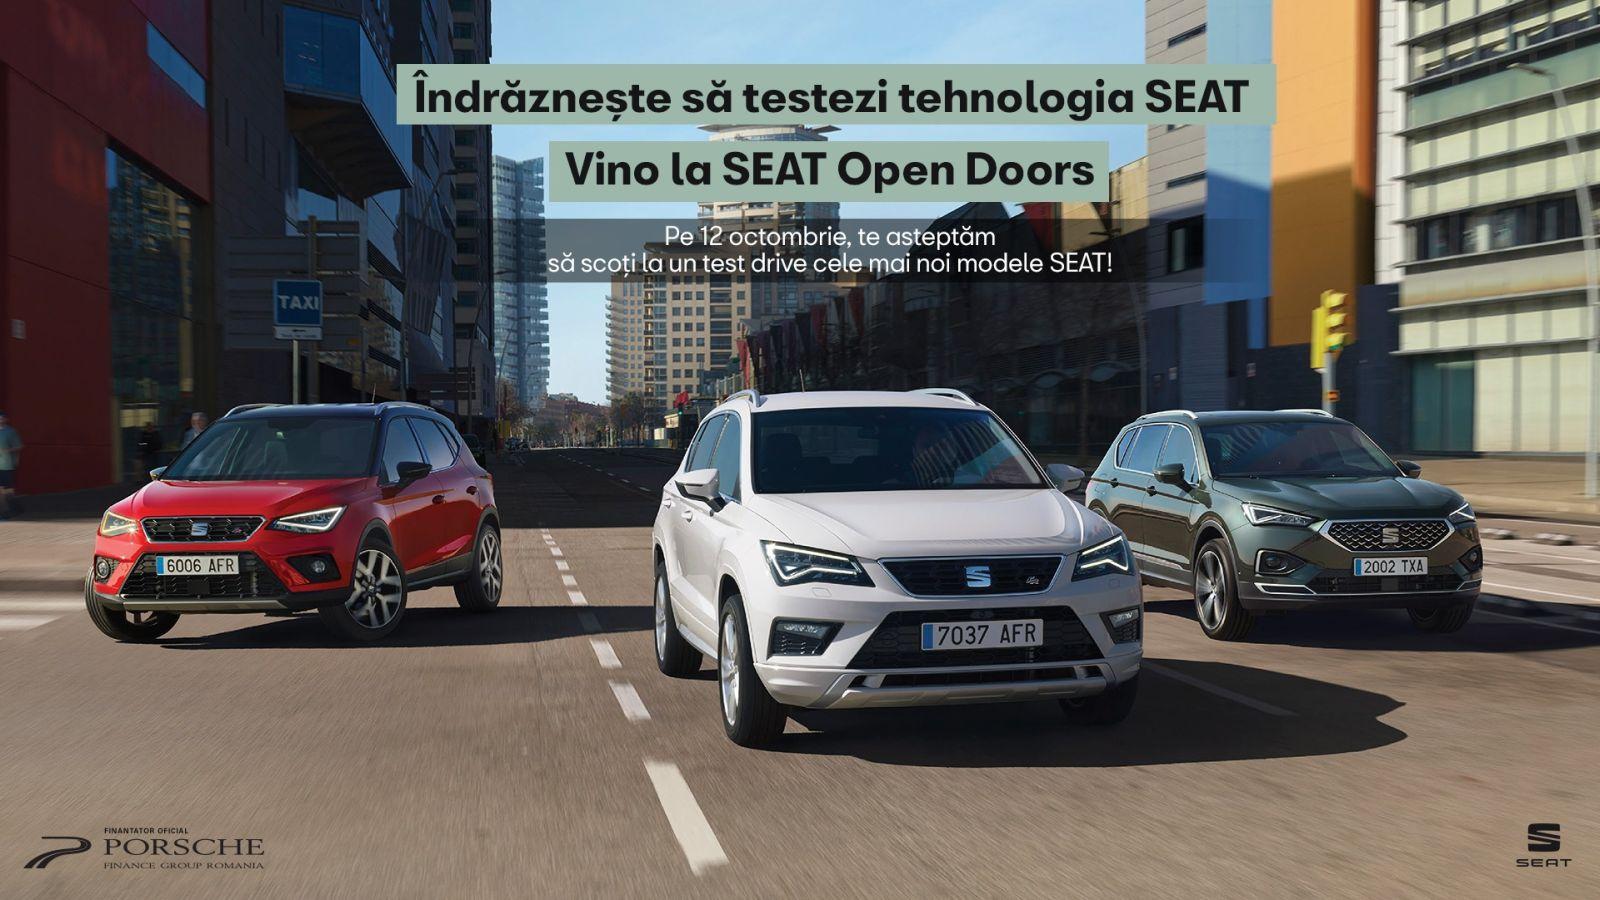 SEAT Open Doors